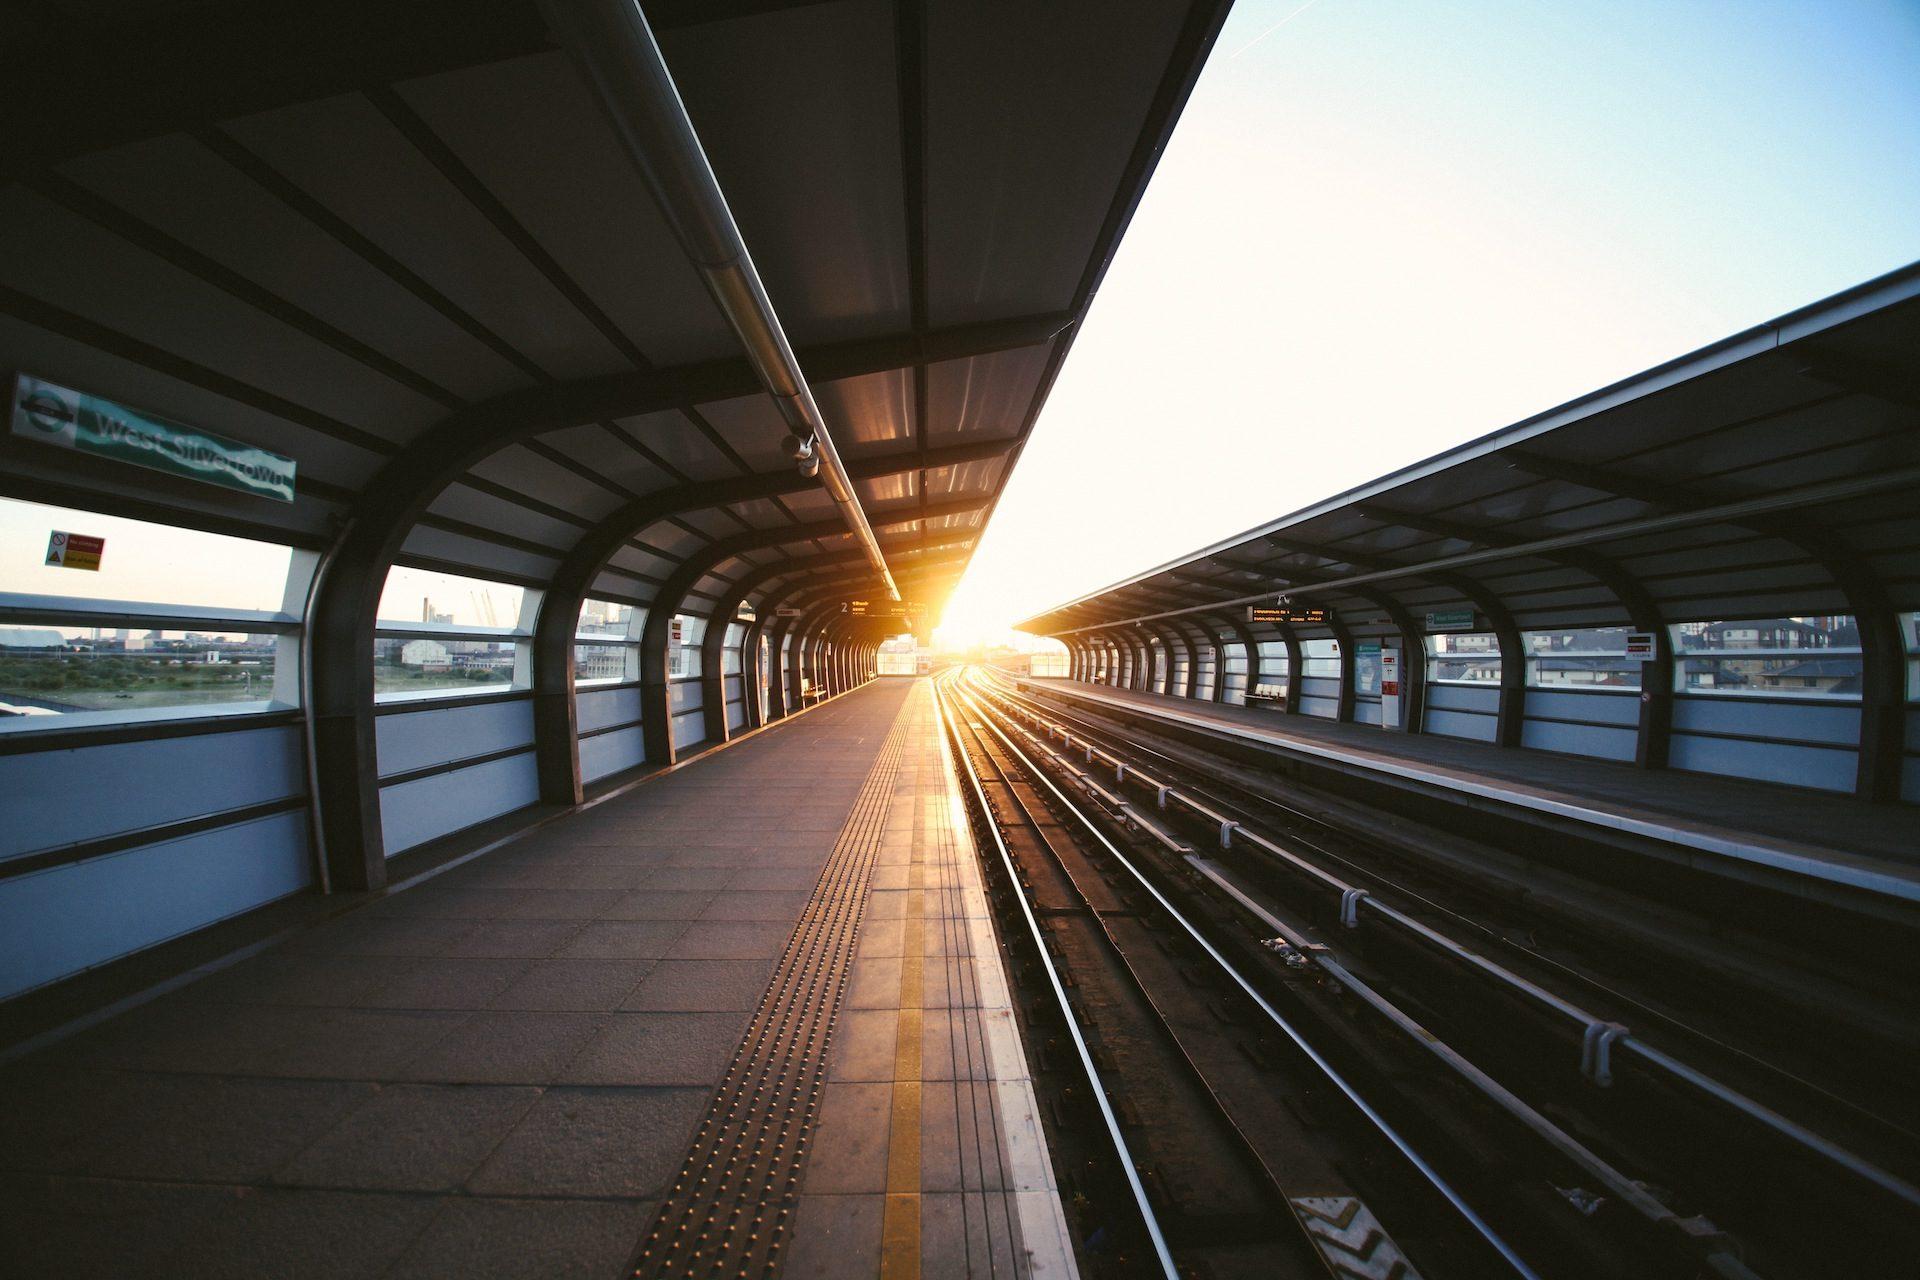 平台, 火车, 真空, 光, 太阳, 日落 - 高清壁纸 - 教授-falken.com